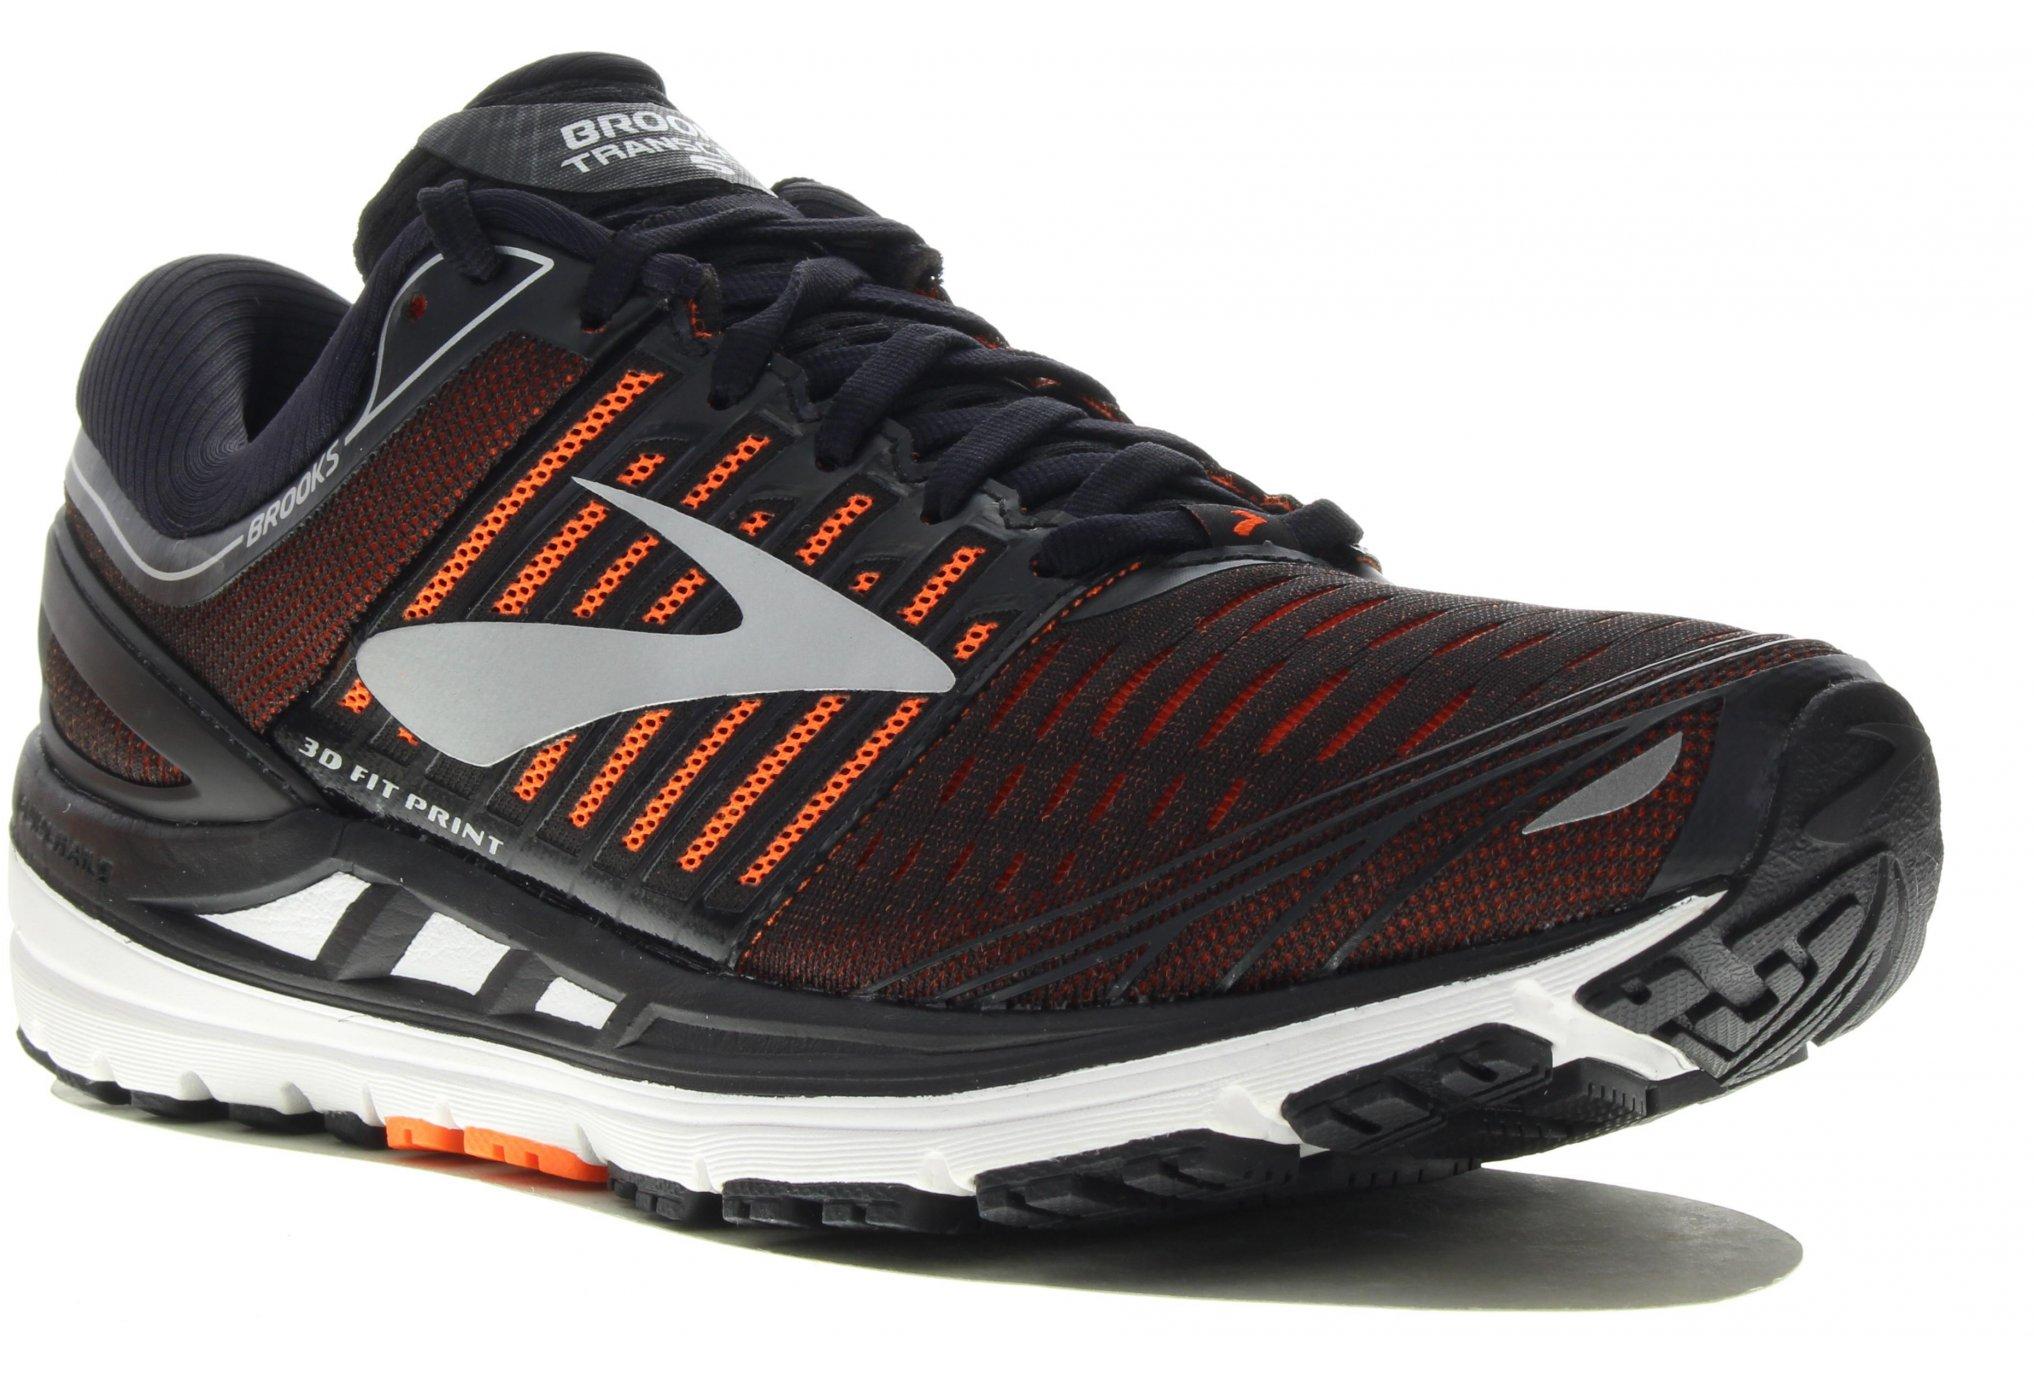 images détaillées images officielles bonne qualité Choisir le bon modèle de chaussures : vos questions, nos ...